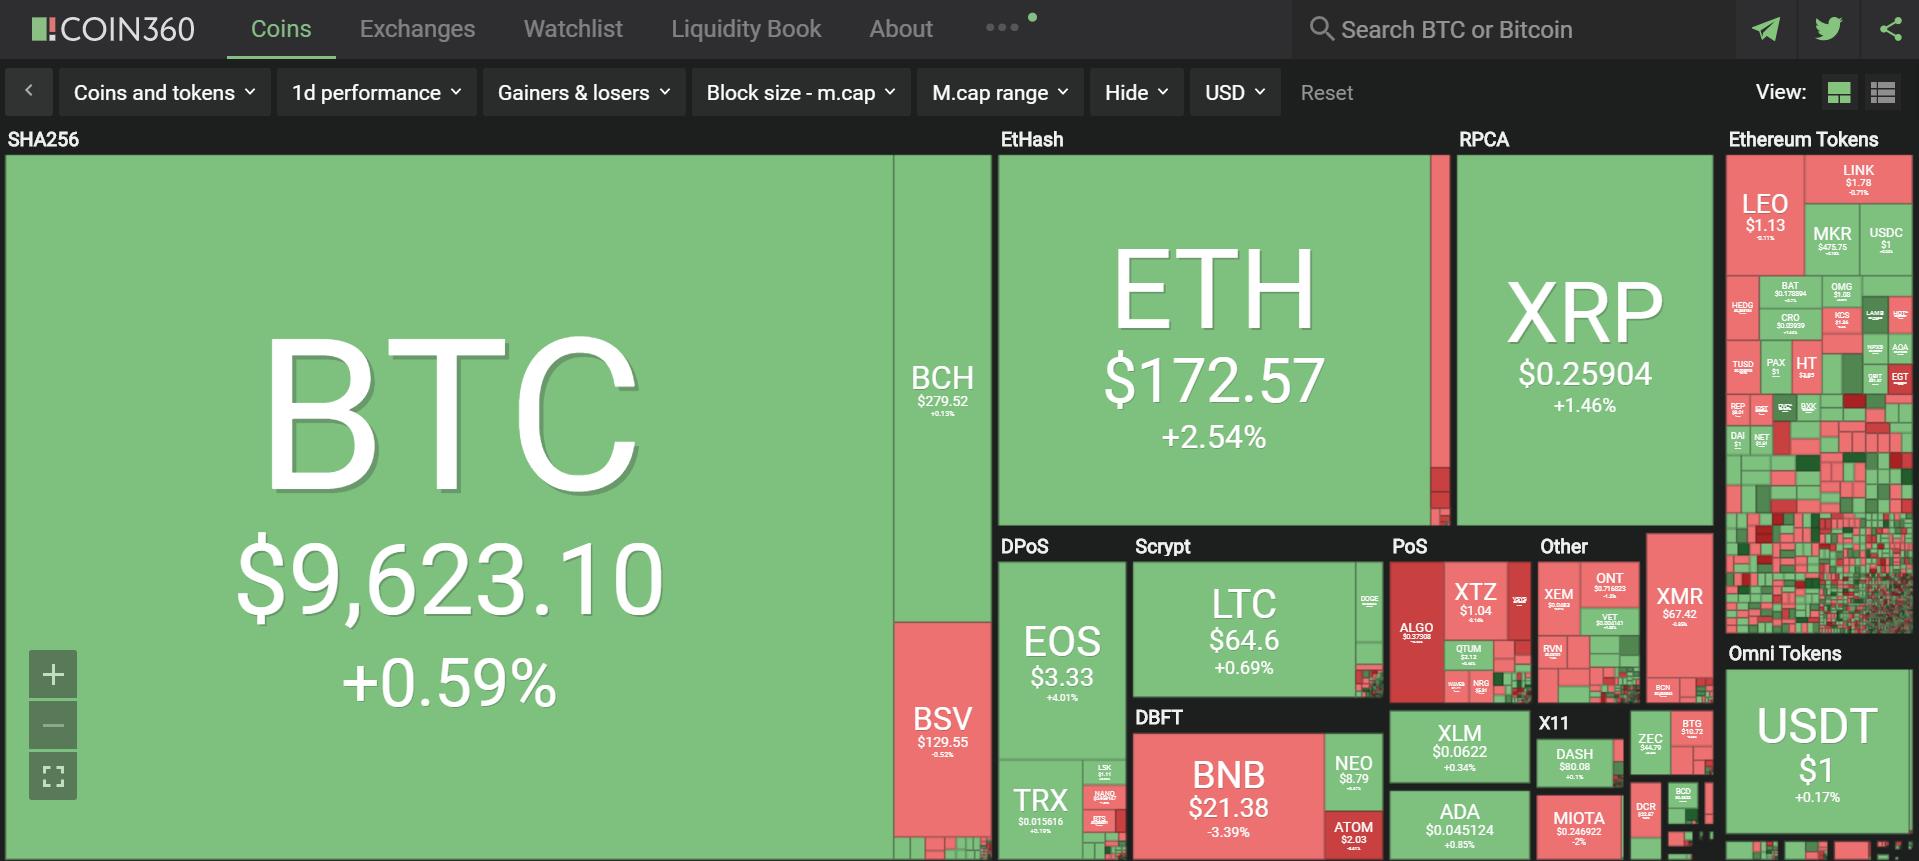 Toàn cảnh thị trường tiền kĩ thuật số hôm nay (1/9) (Nguồn: Coin360.com)